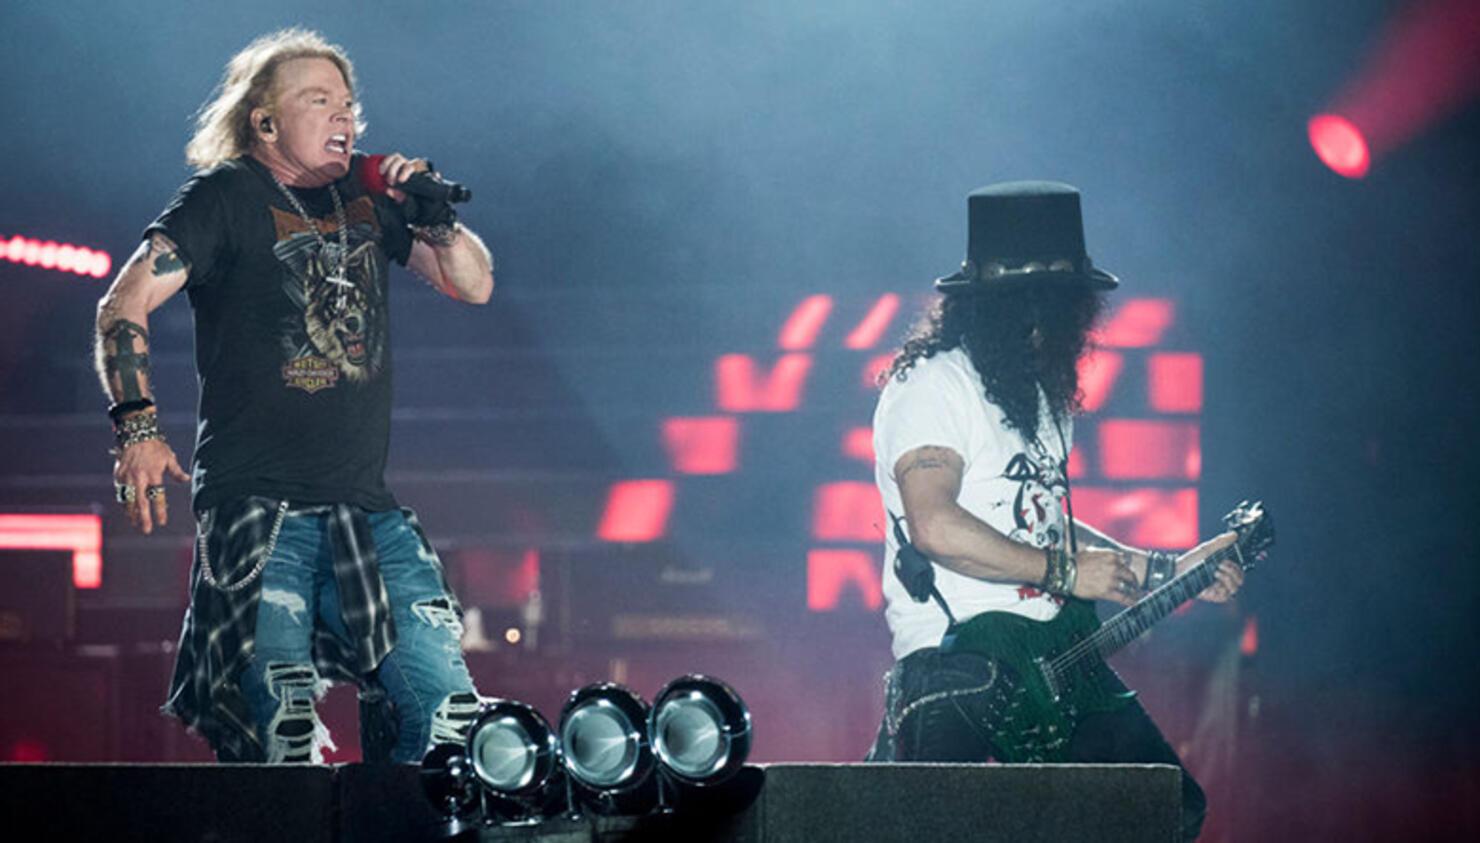 """Guns N' Roses Perform Velvet Revolver's """"Slither"""" in Berlin"""